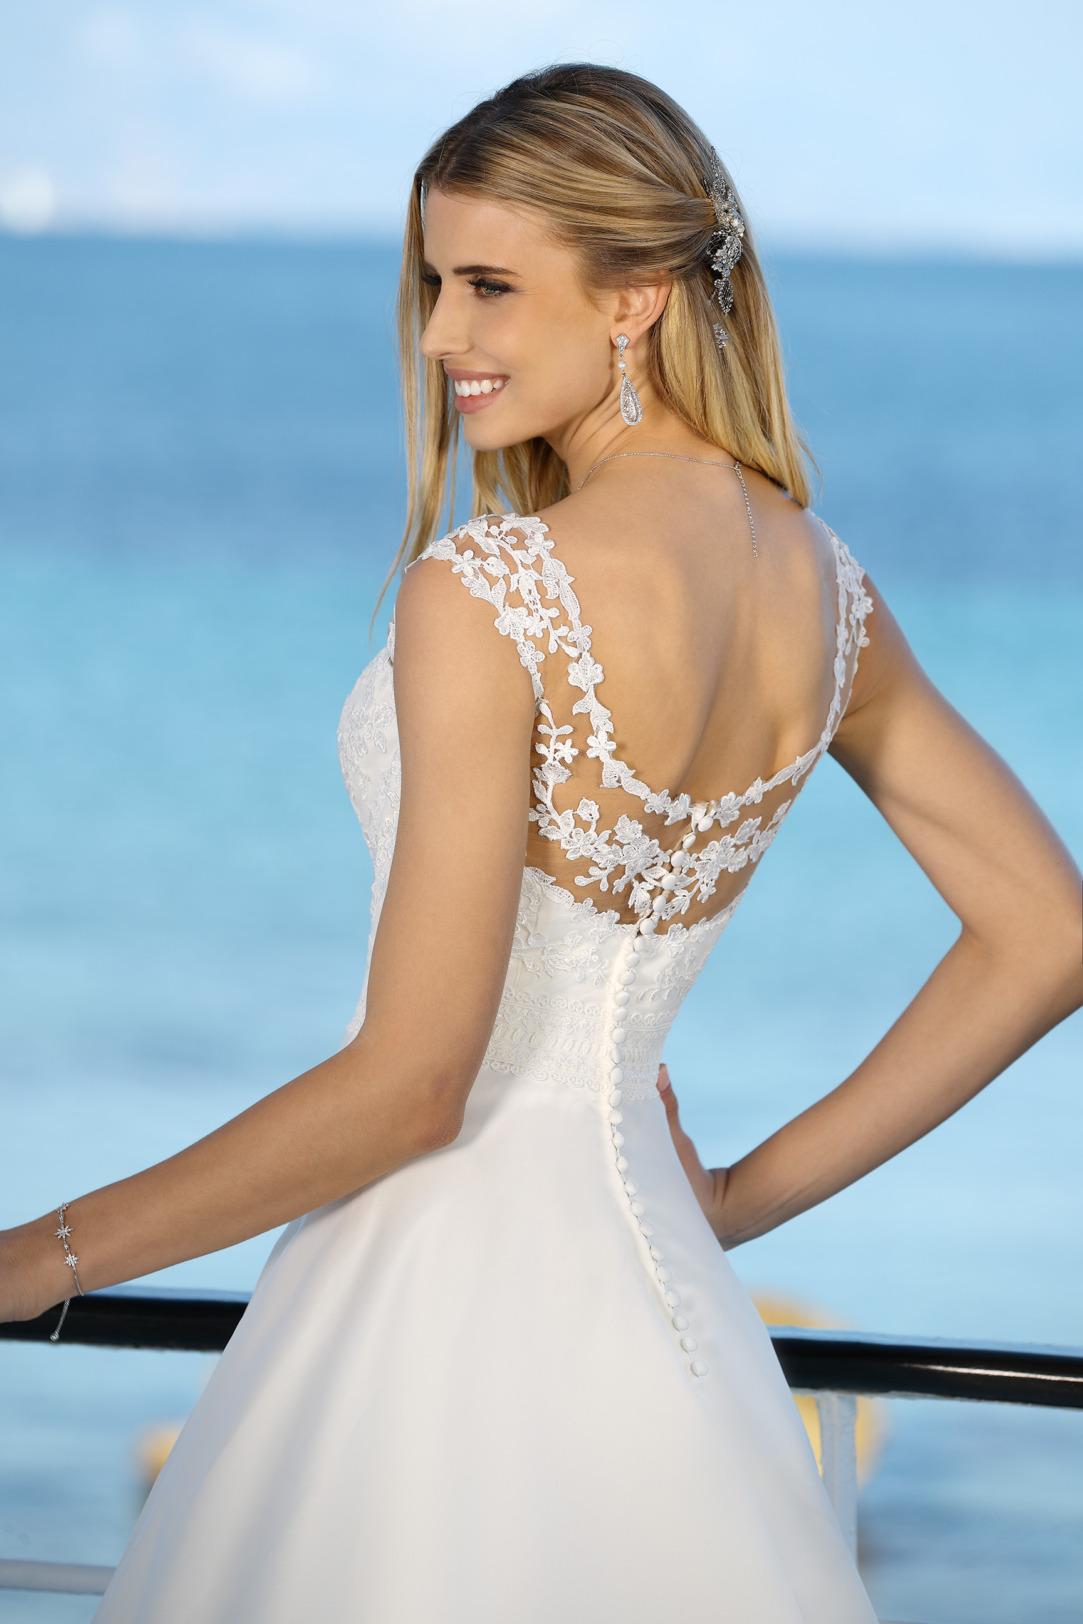 Brautkleid Hochzeitskleid in klassischer A Linie von Ladybird Modell 421080 mit dezenter Tattoo Spitze am Dekolltee und rundem Rückenausschnitt